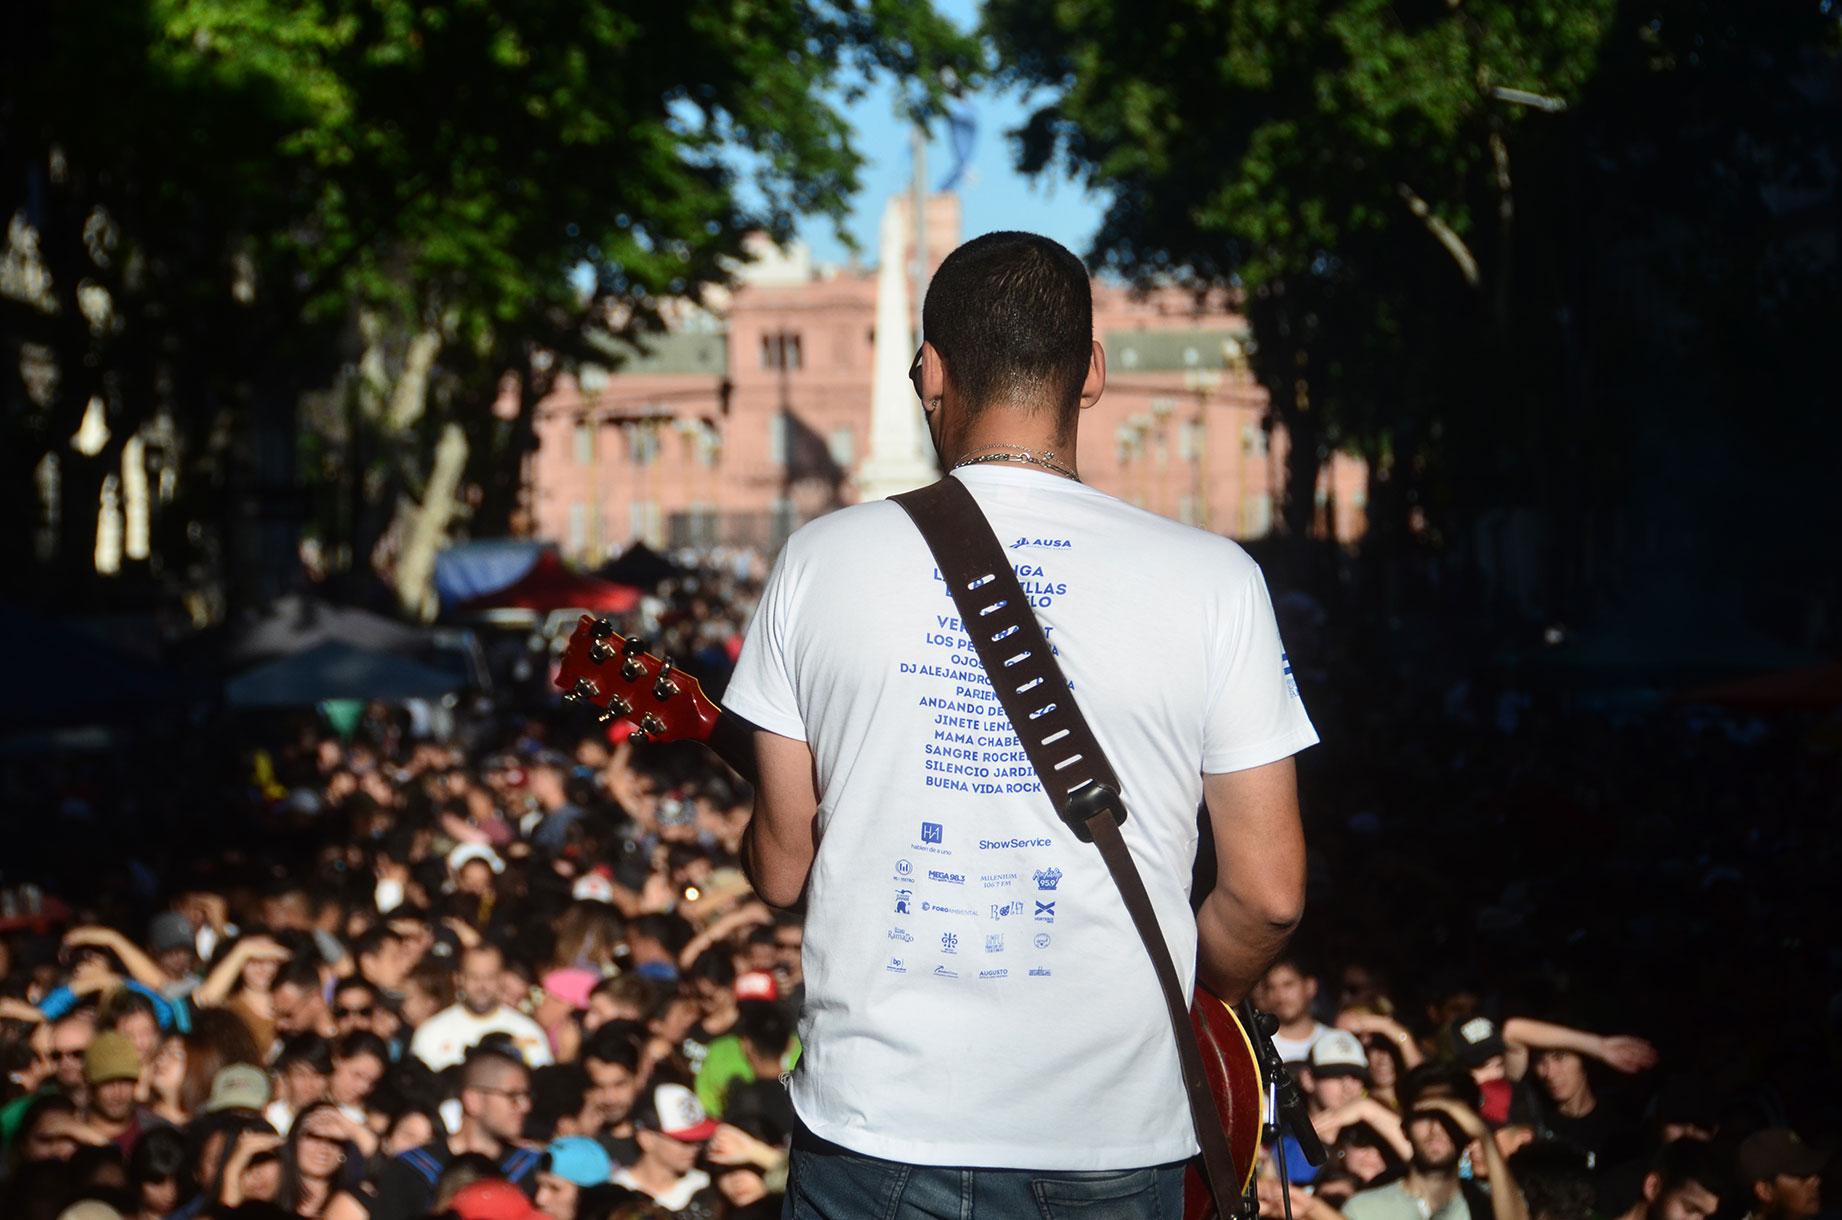 El punto de inicio fue en Plaza de Mayo (Av. De Mayo y Bolívar) hasta Callao y Av. Córdoba, por el escenario móvil pasaron más de una docena de bandas que llevaron todo el rock por las calles del centro de Buenos Aires